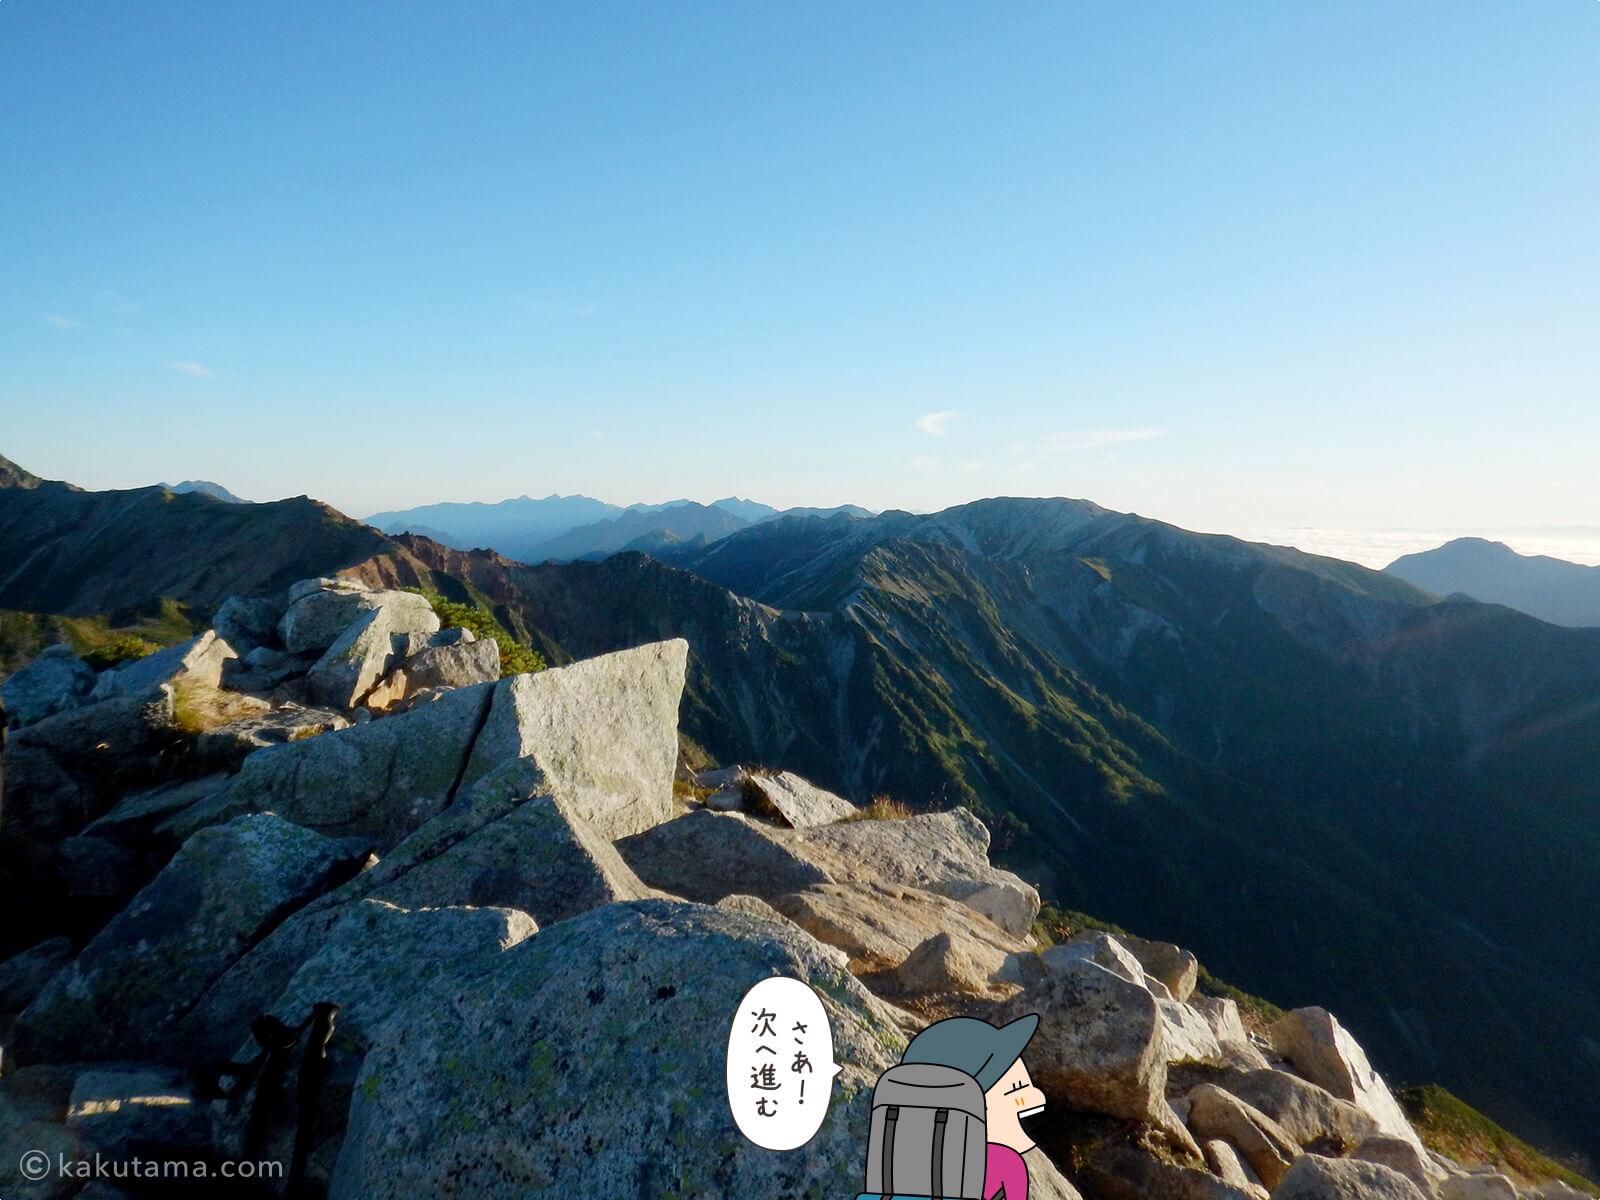 鷲羽岳から三俣山荘へ向かってスタート